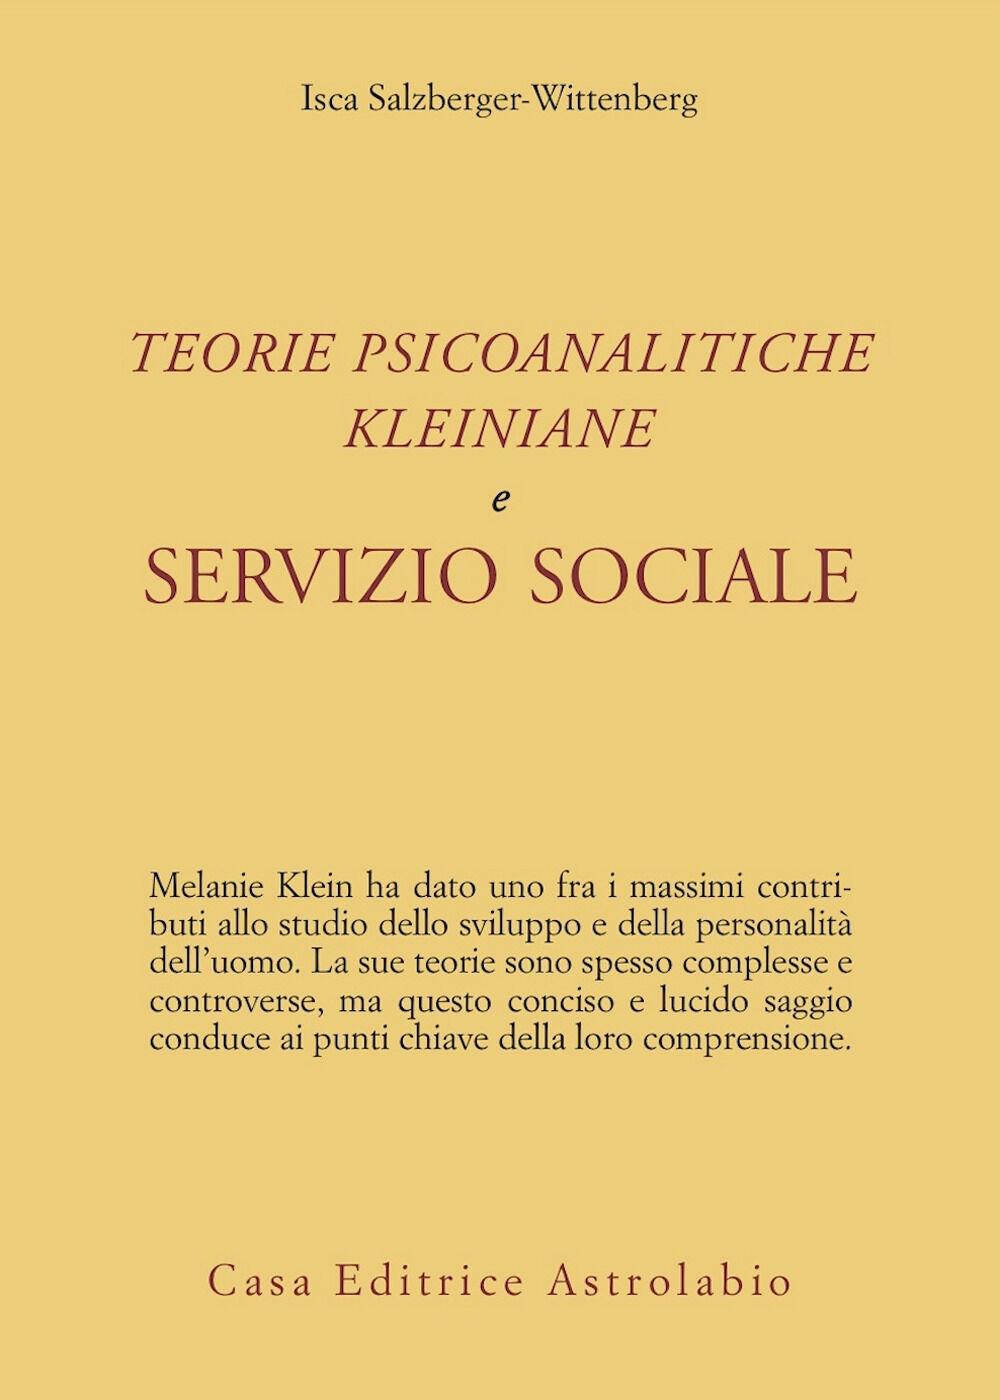 Teorie psicoanalitiche kleiniane e servizio sociale